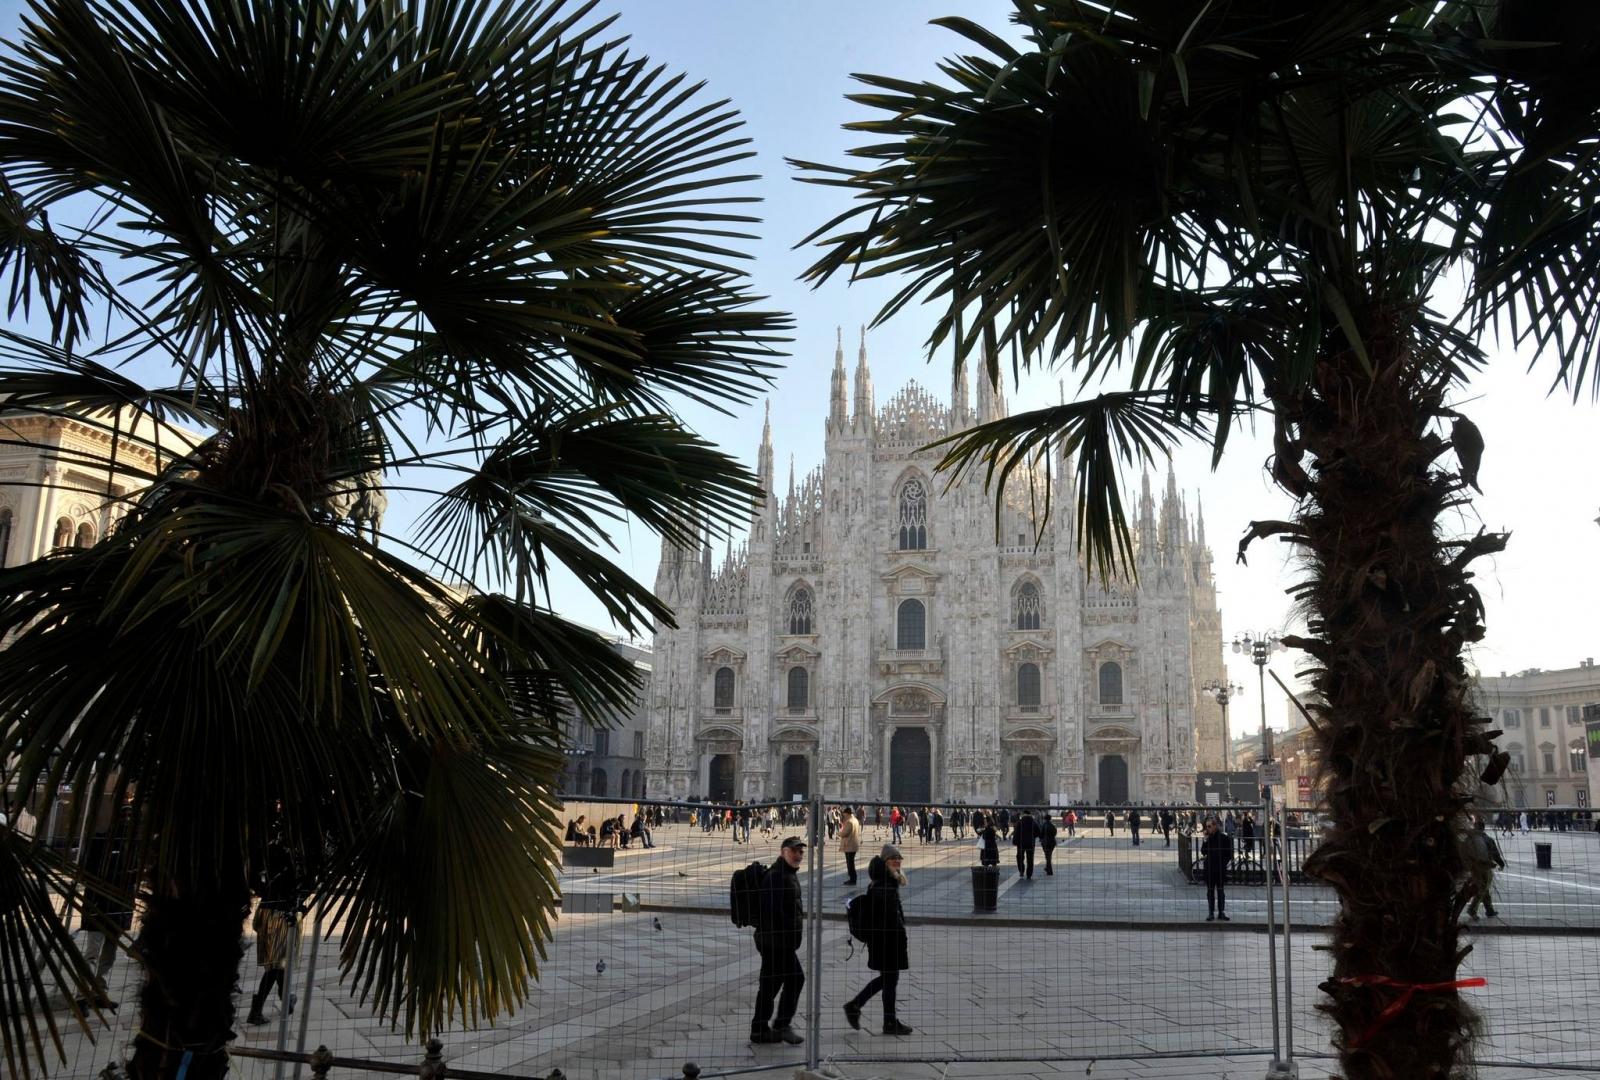 Palme in Piazza del Duomo